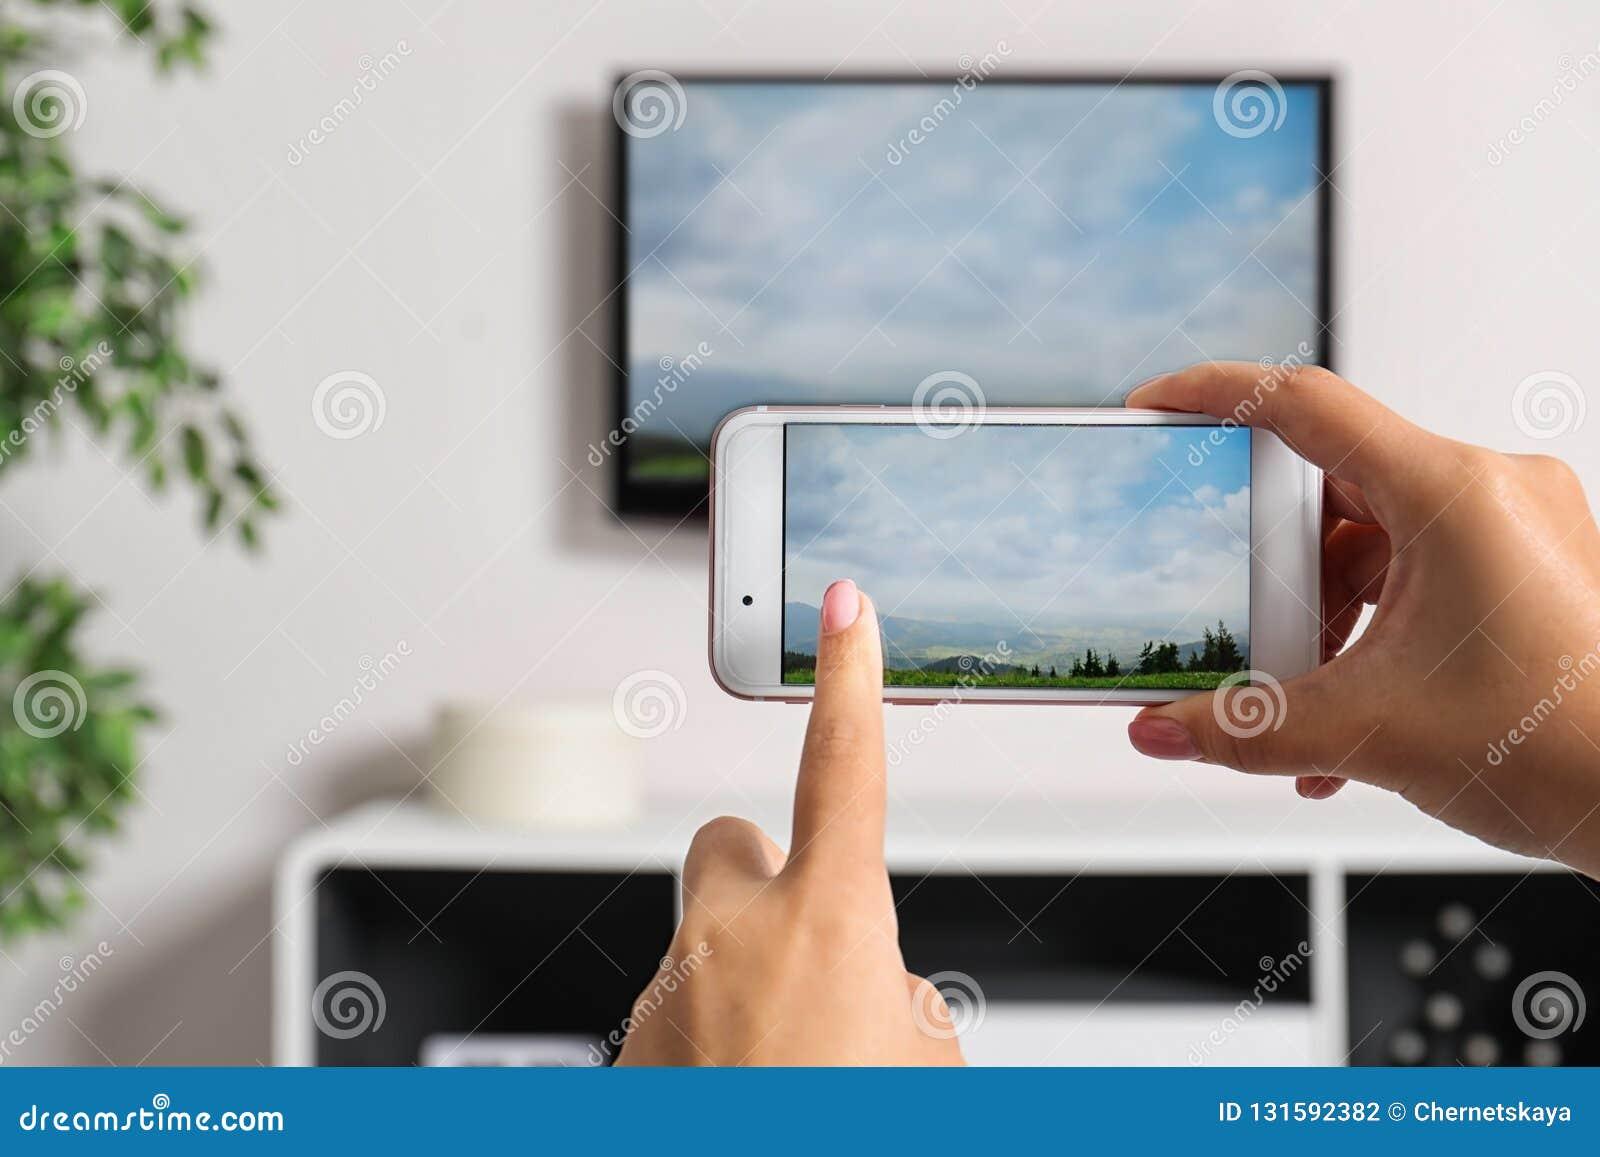 Mulher com o smartphone conectado ao aparelho de televisão